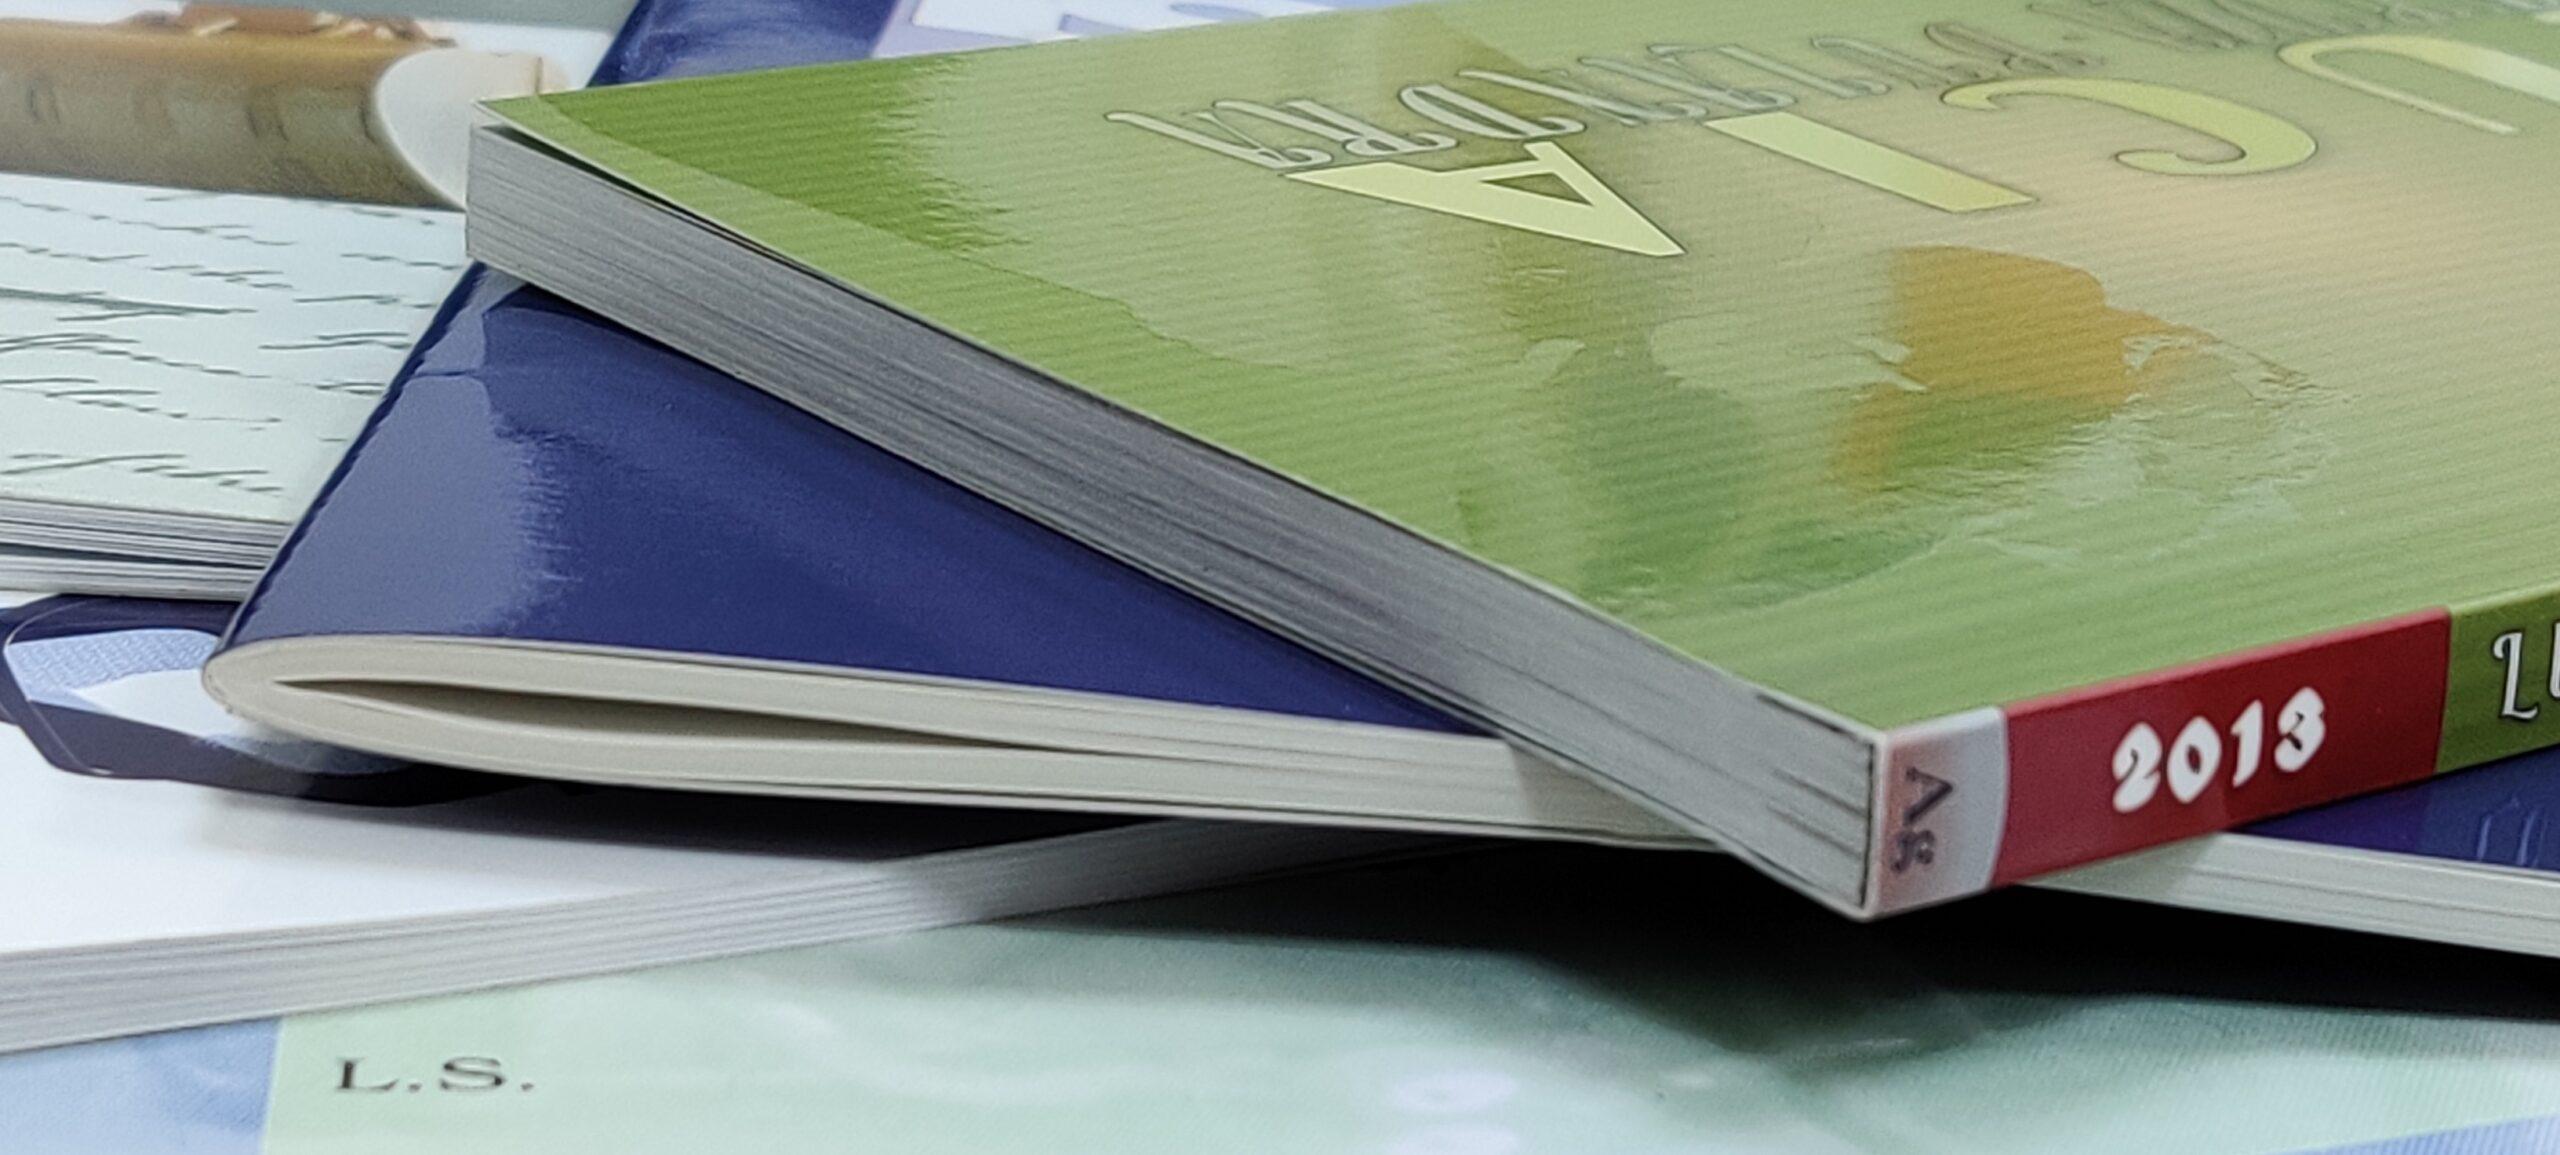 Imprimeria BNR - Finisare si verificare